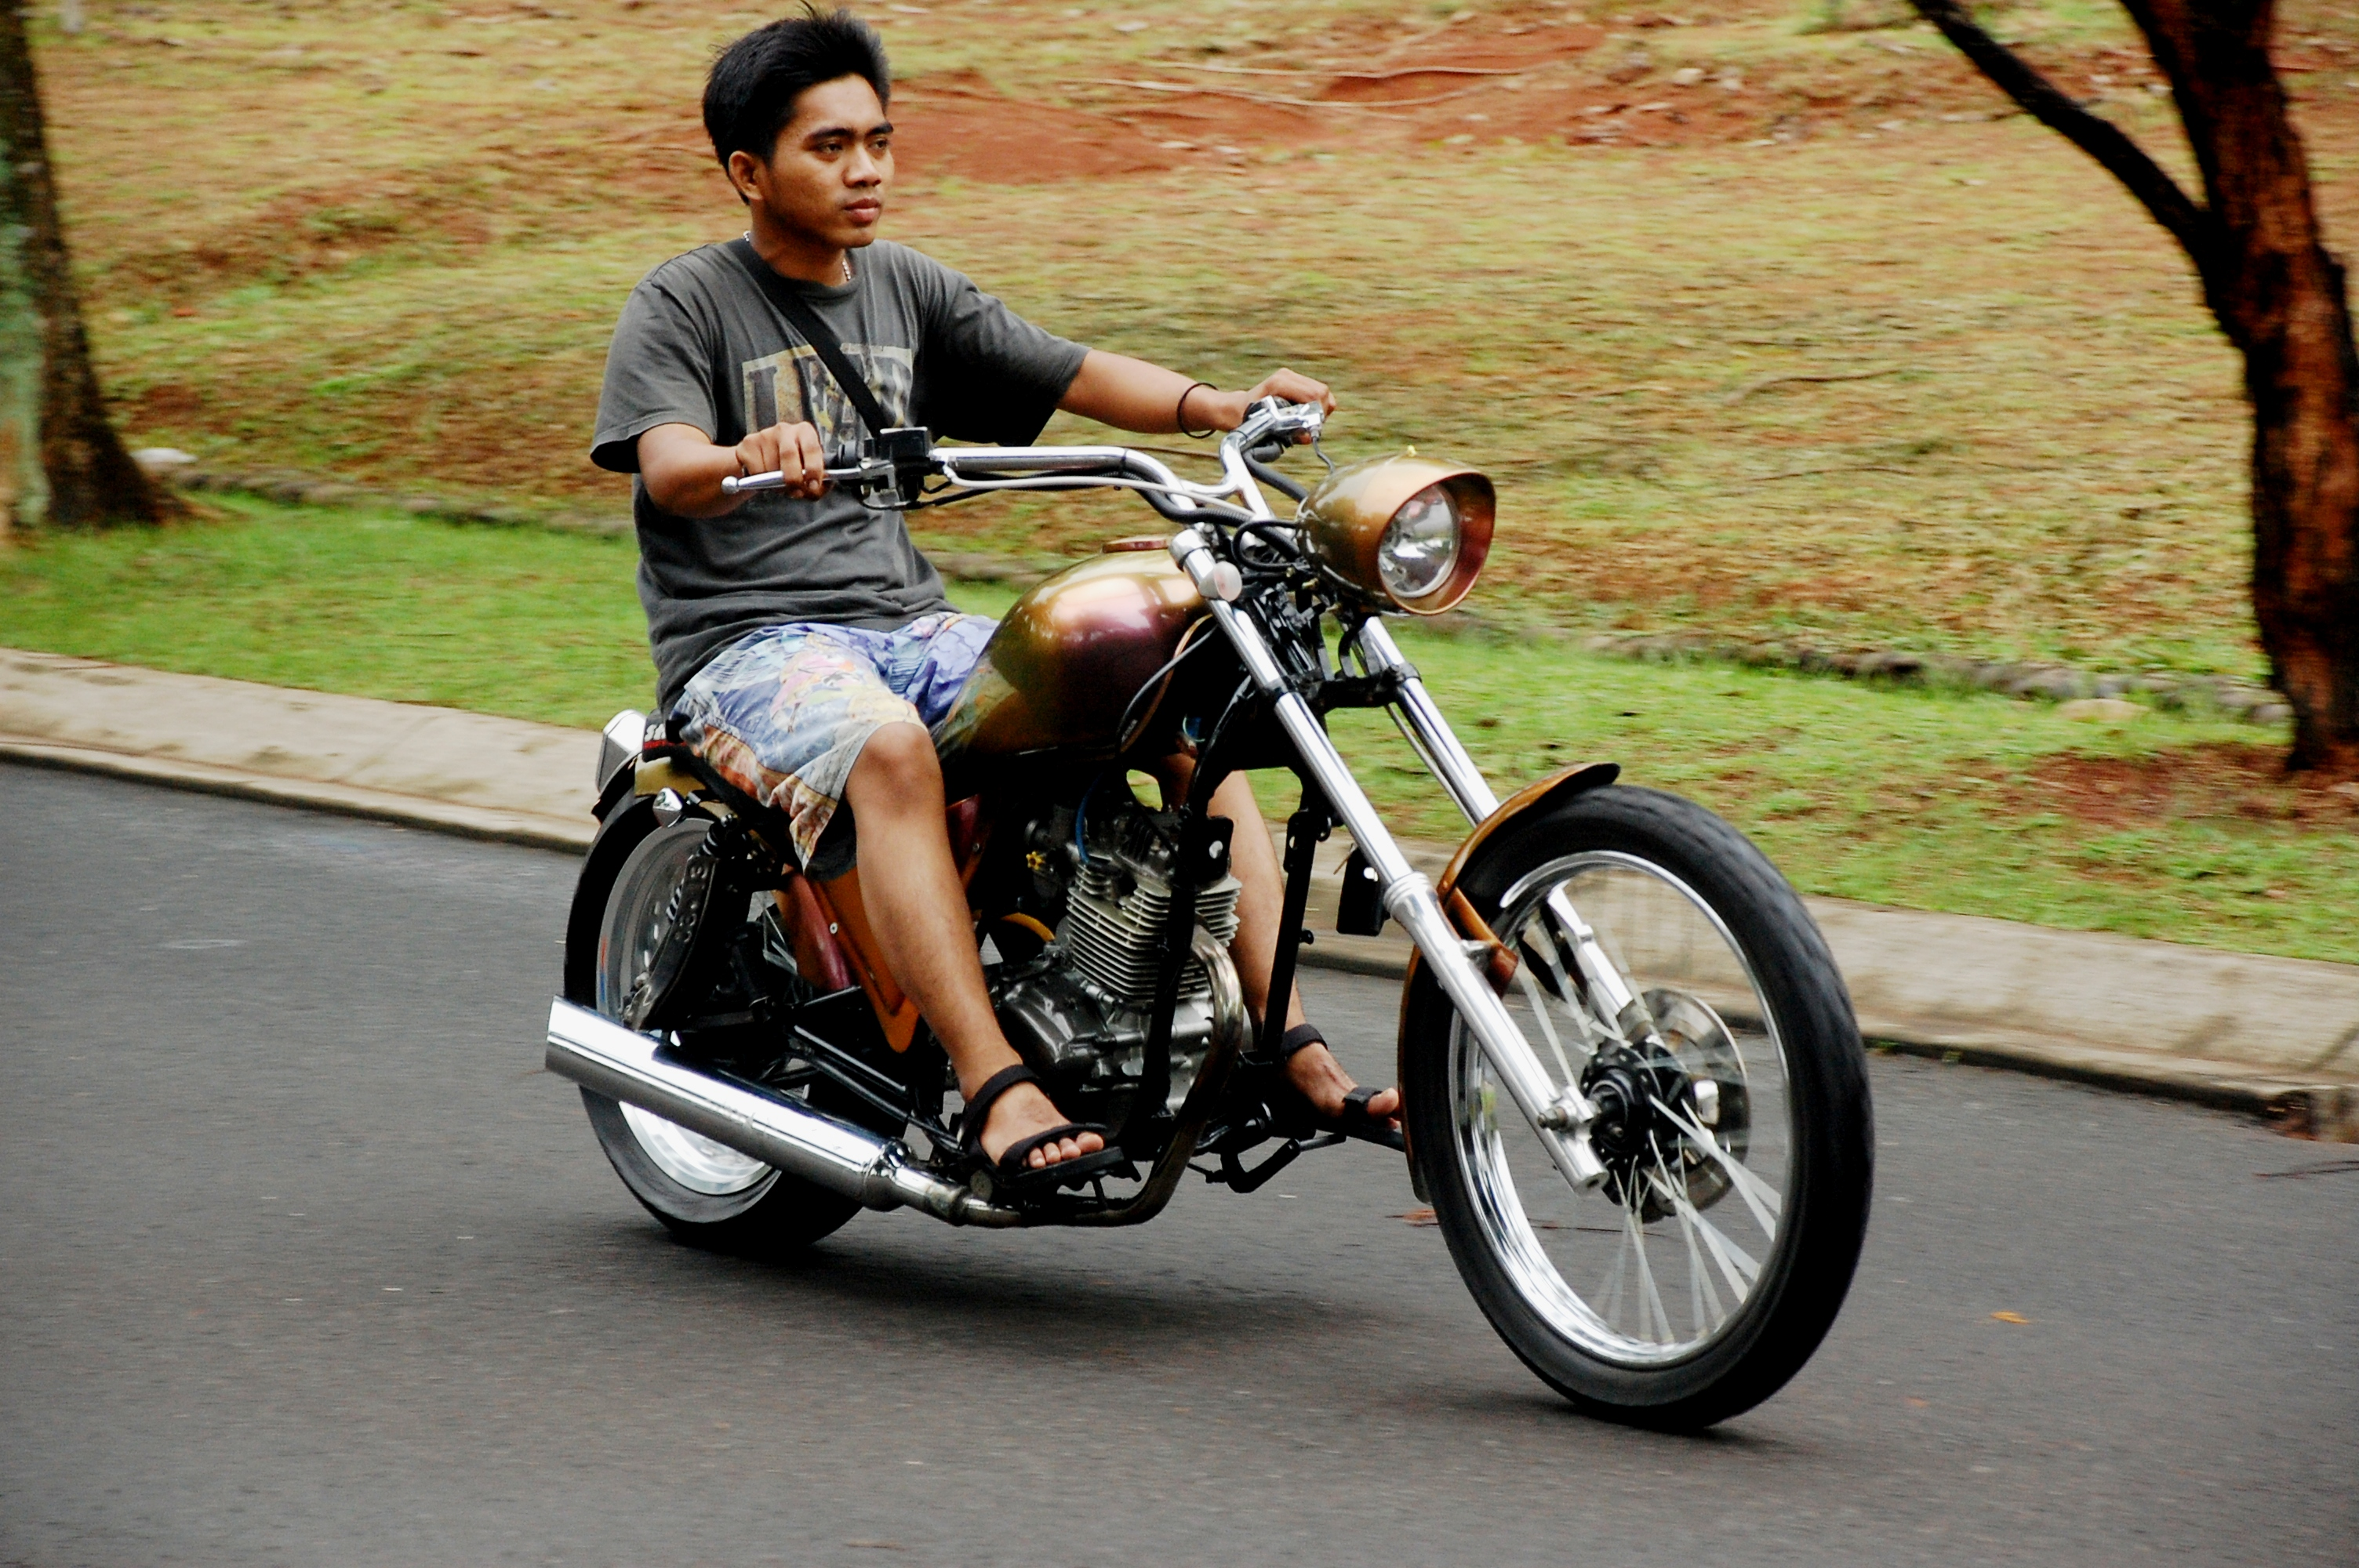 108 Modifikasi Motor Cb Jadi Harley Modifikasi Motor Honda Cb Terbaru